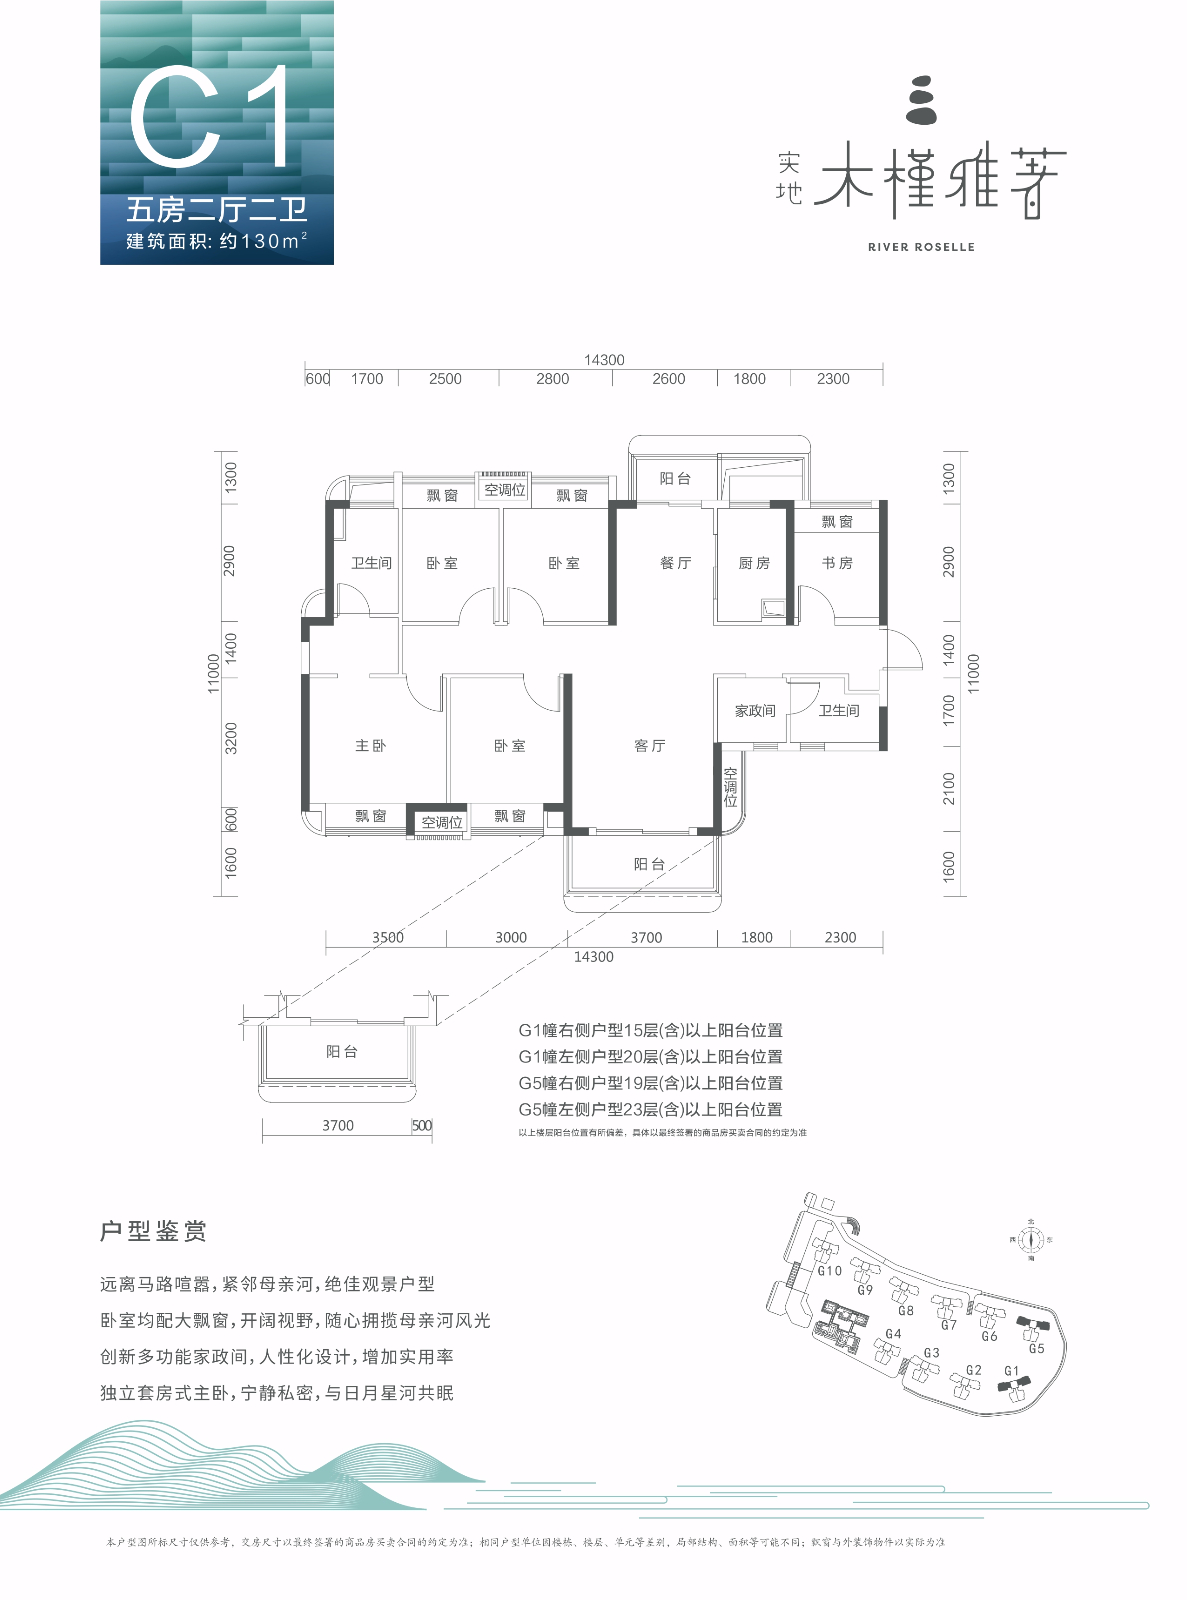 大湾区新房房价